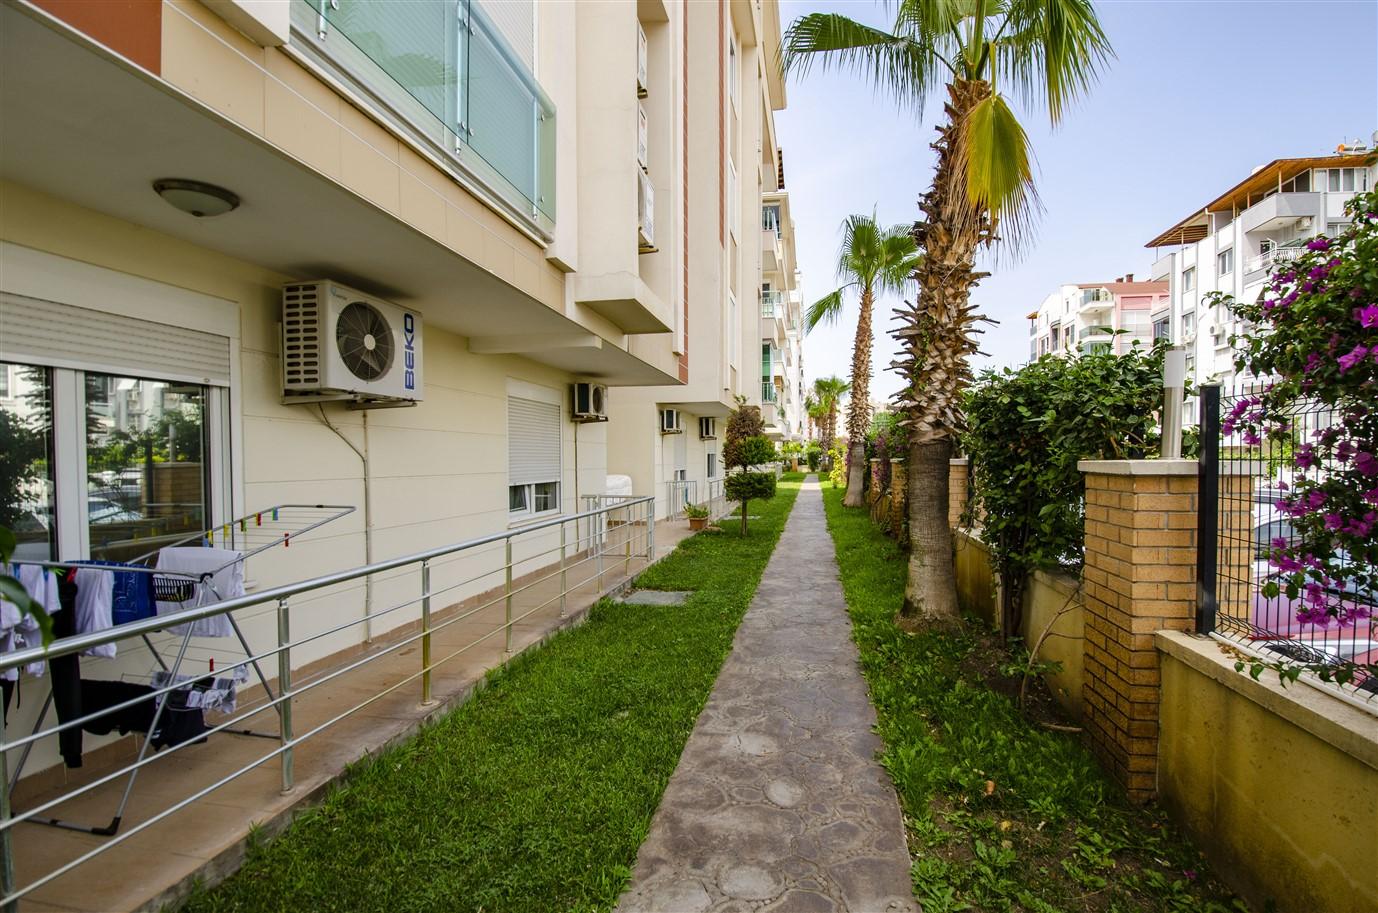 Трёхкомнатная квартира в микрорайоне Лиман - Анталья - Фото 14